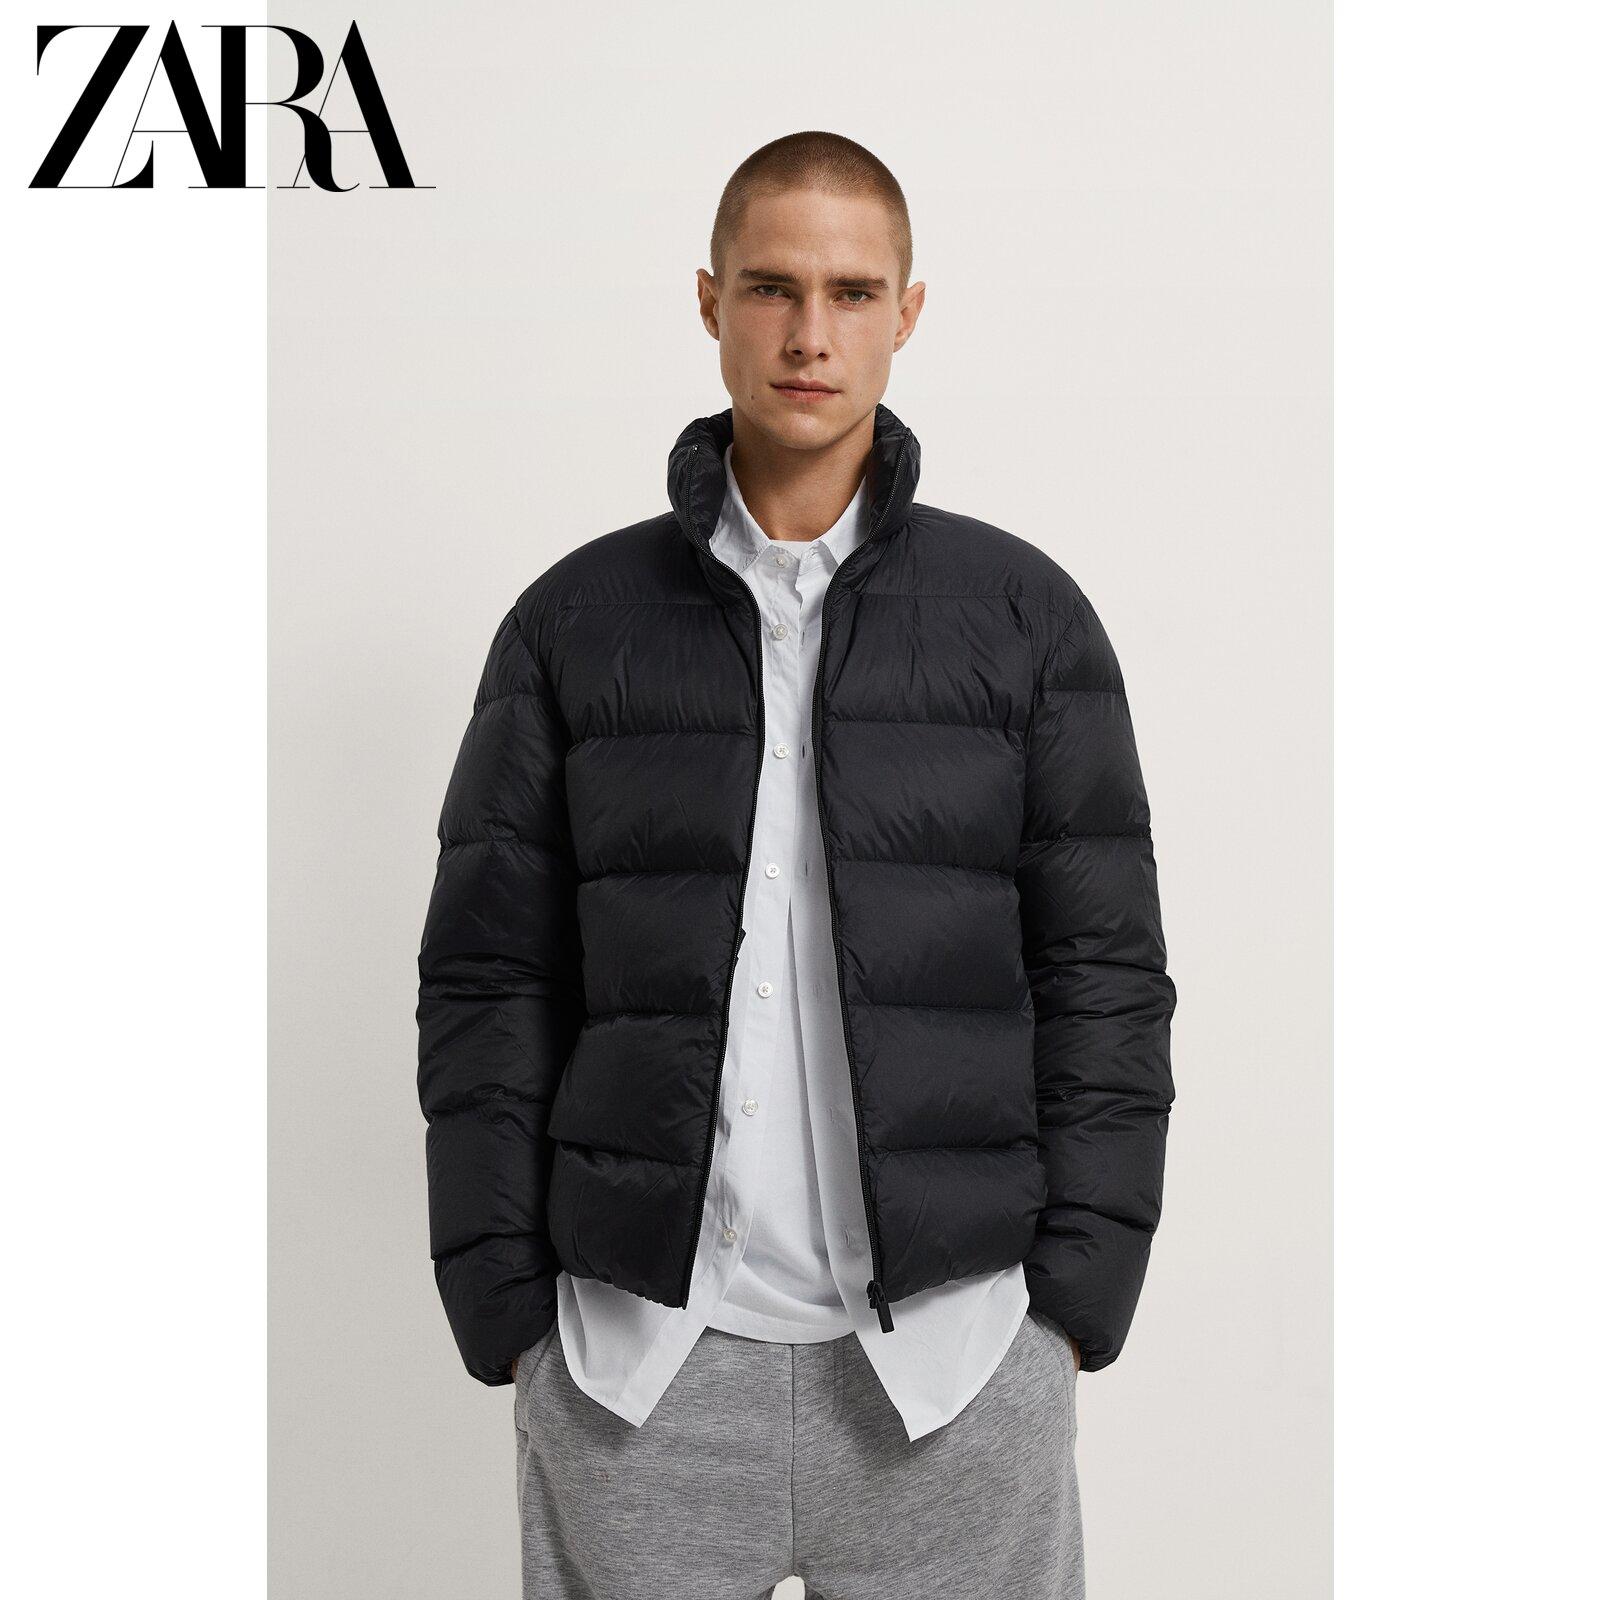 ZARA 男装 轻型羽绒服 01215500800 399元